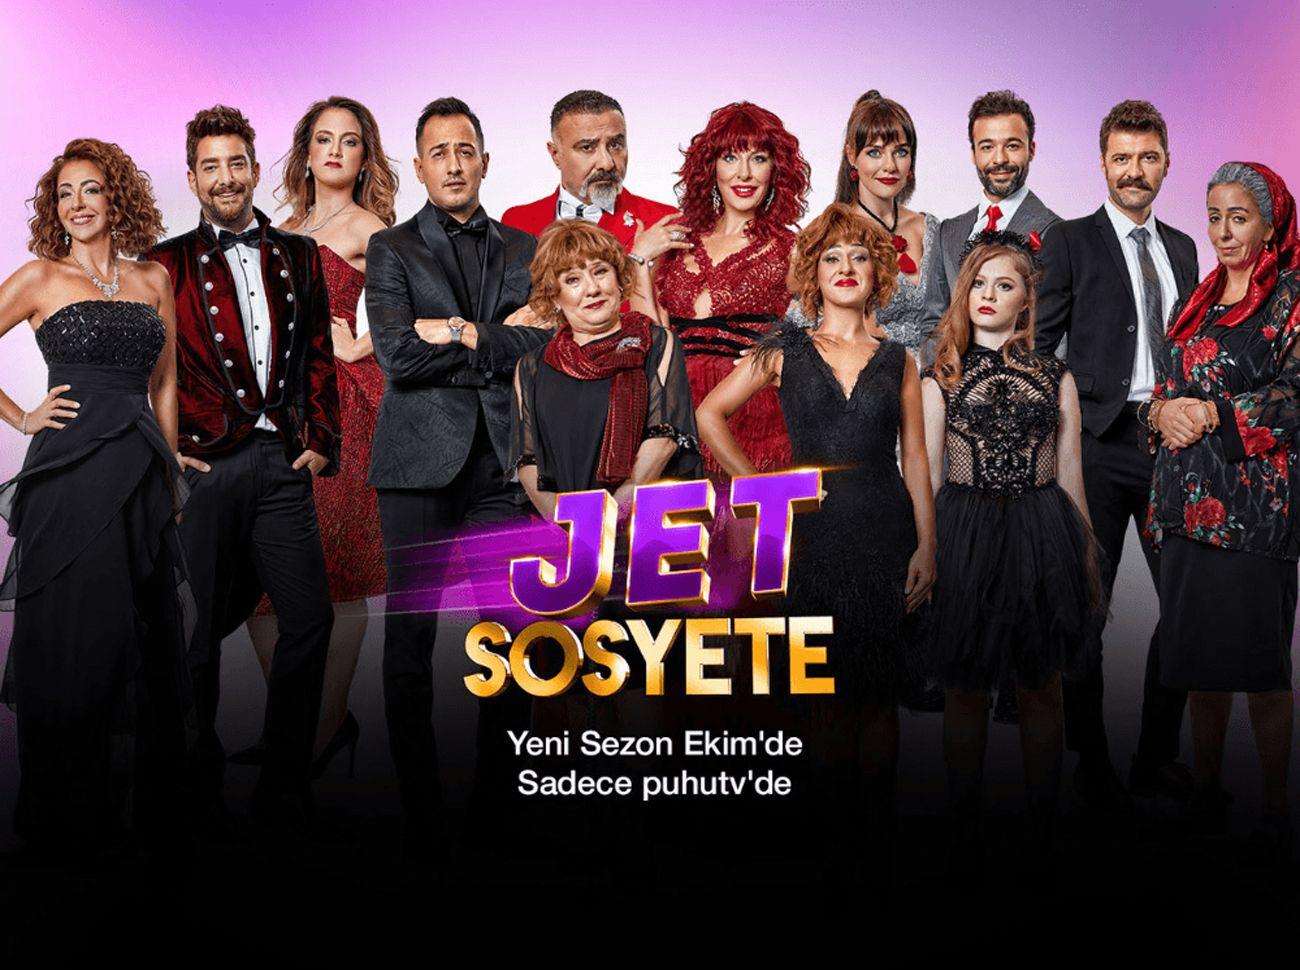 Jet Sosyete Yeni Sezonda Puhu Tv'de Olacak